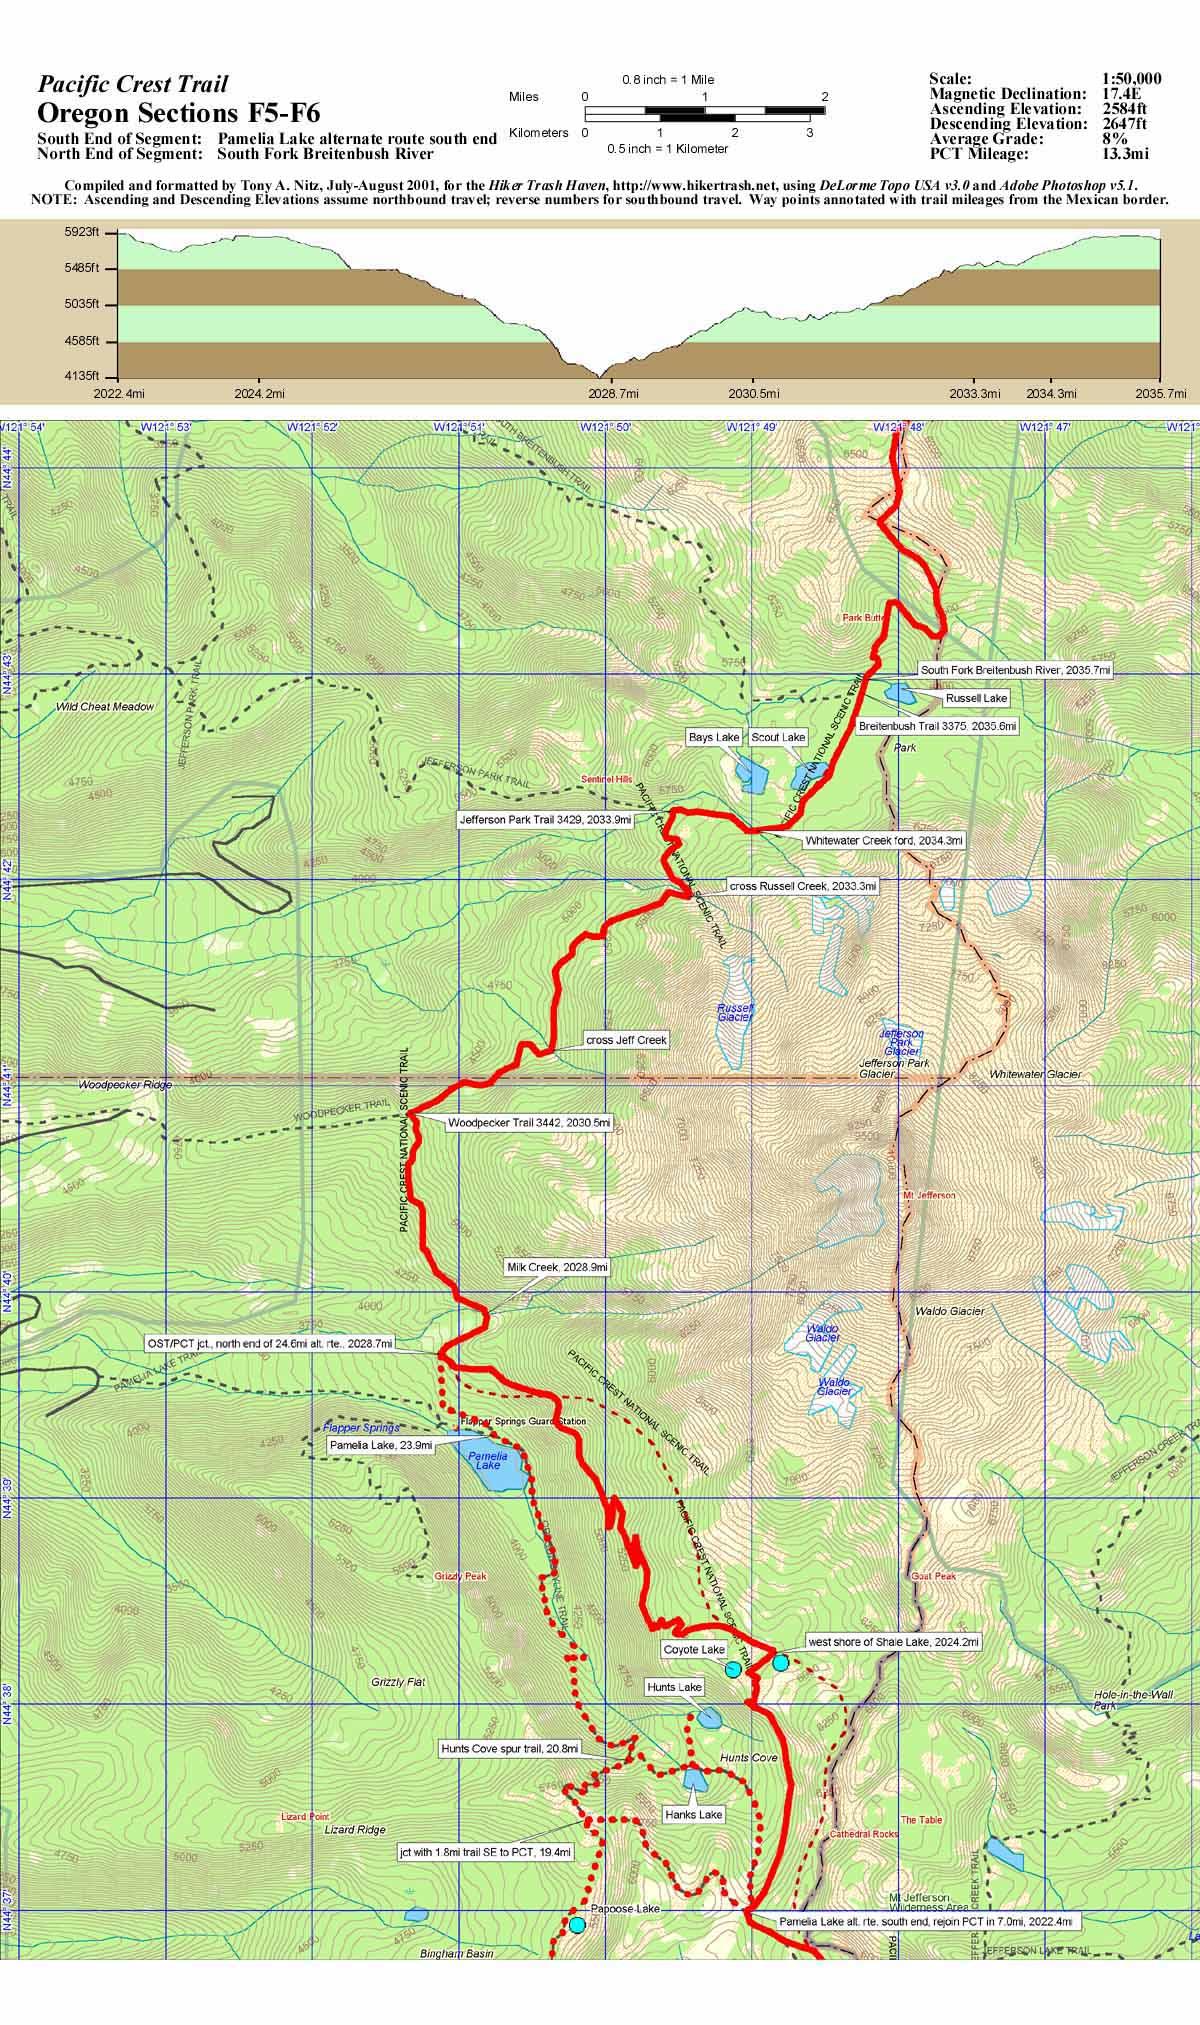 PCT Topo Maps